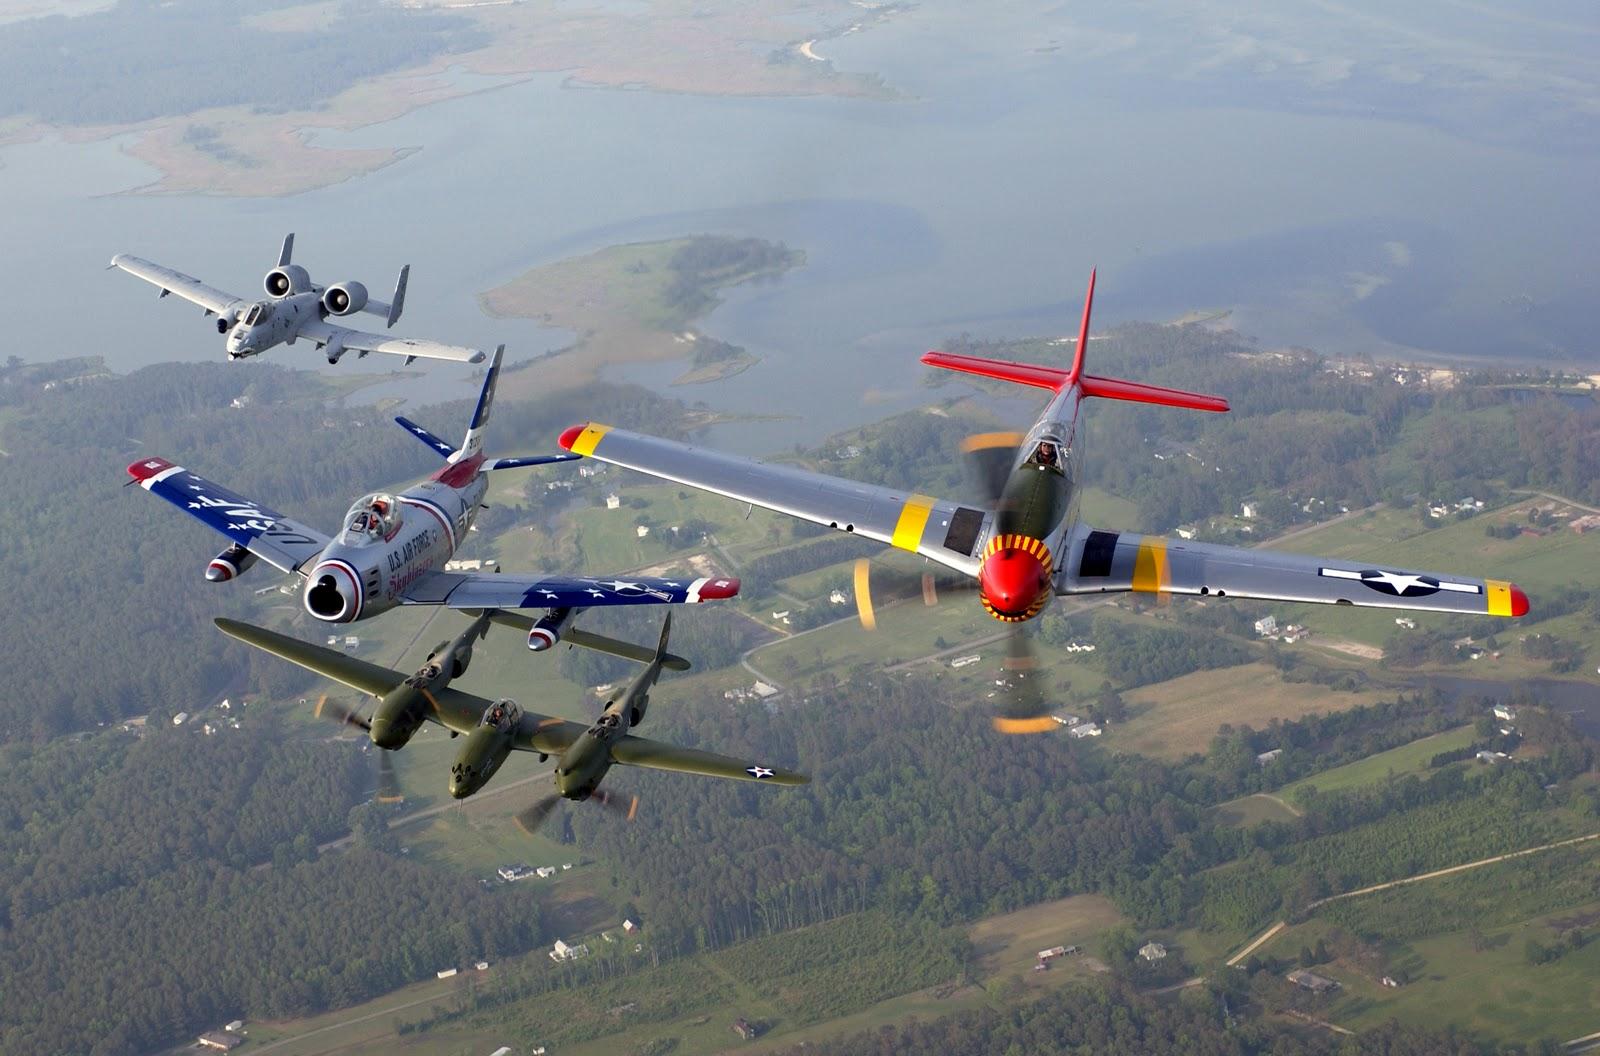 http://1.bp.blogspot.com/-ltsAIb1j0B4/TWYN-M9xvPI/AAAAAAAABTQ/z50zTJzUhjM/s1600/A-10%252C_F-86%252C_P-38_%2526_P-51_Heritage_formation.jpg